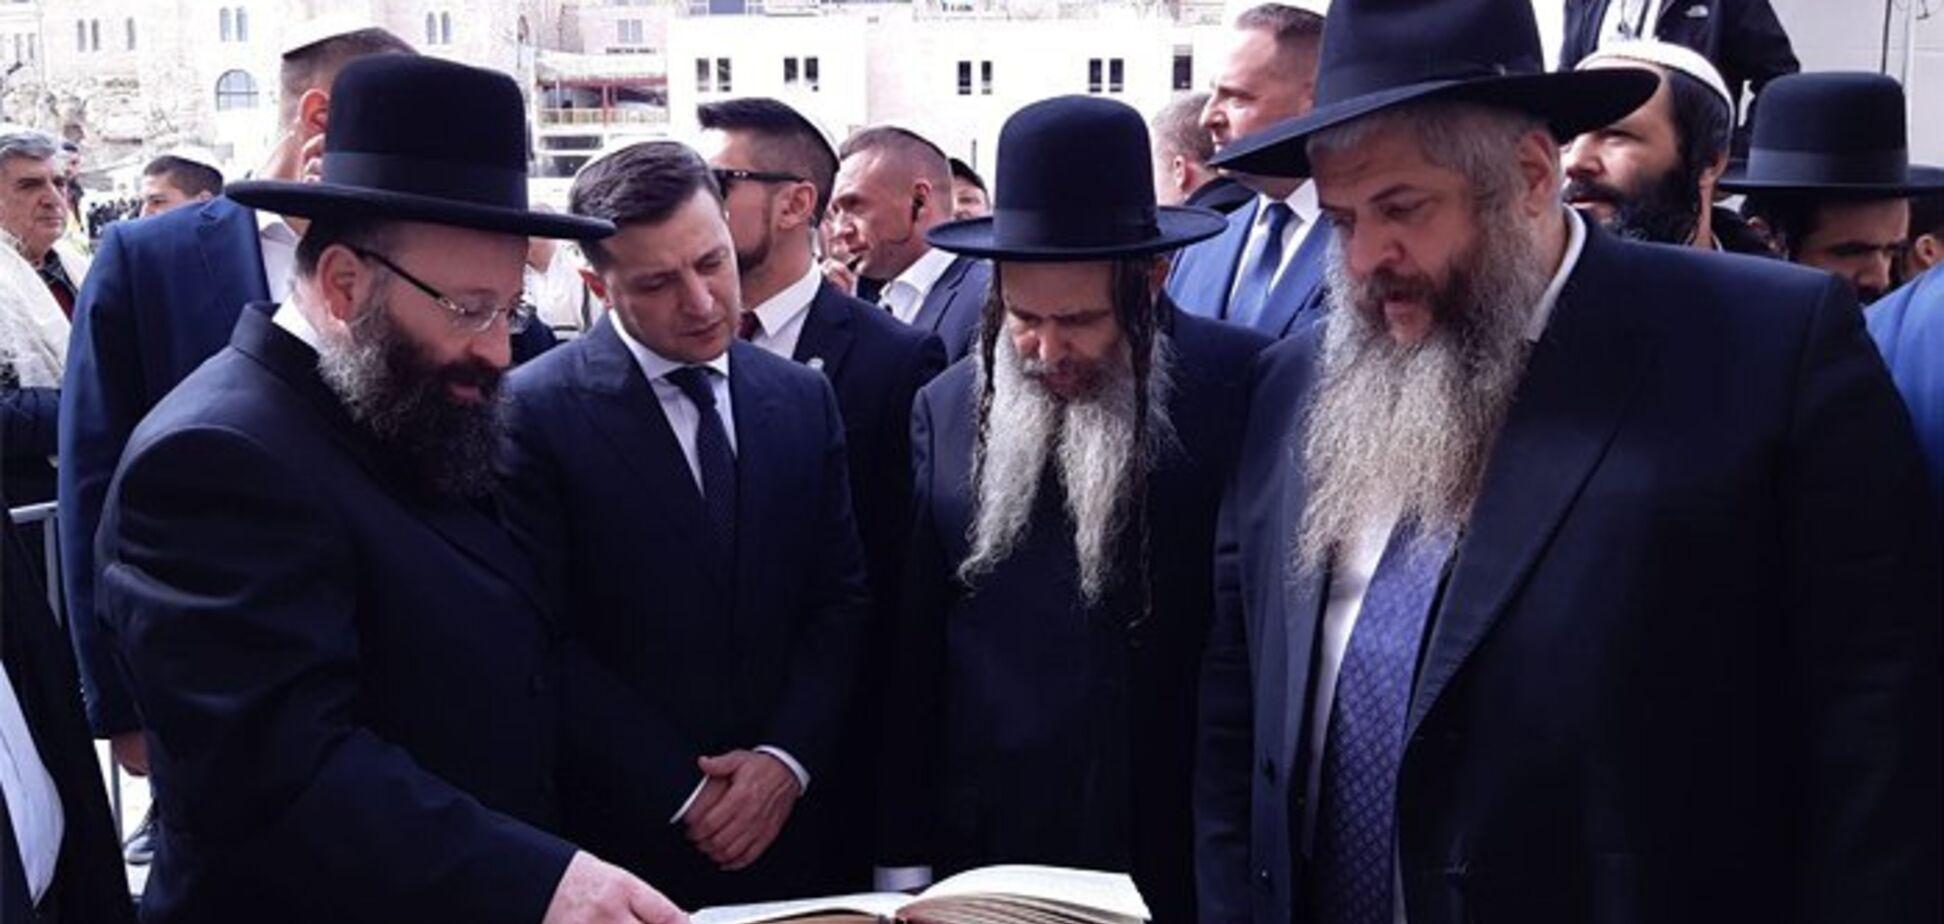 'Широкий жест': поступок Зеленского на форуме в Израиле поразил украинцев